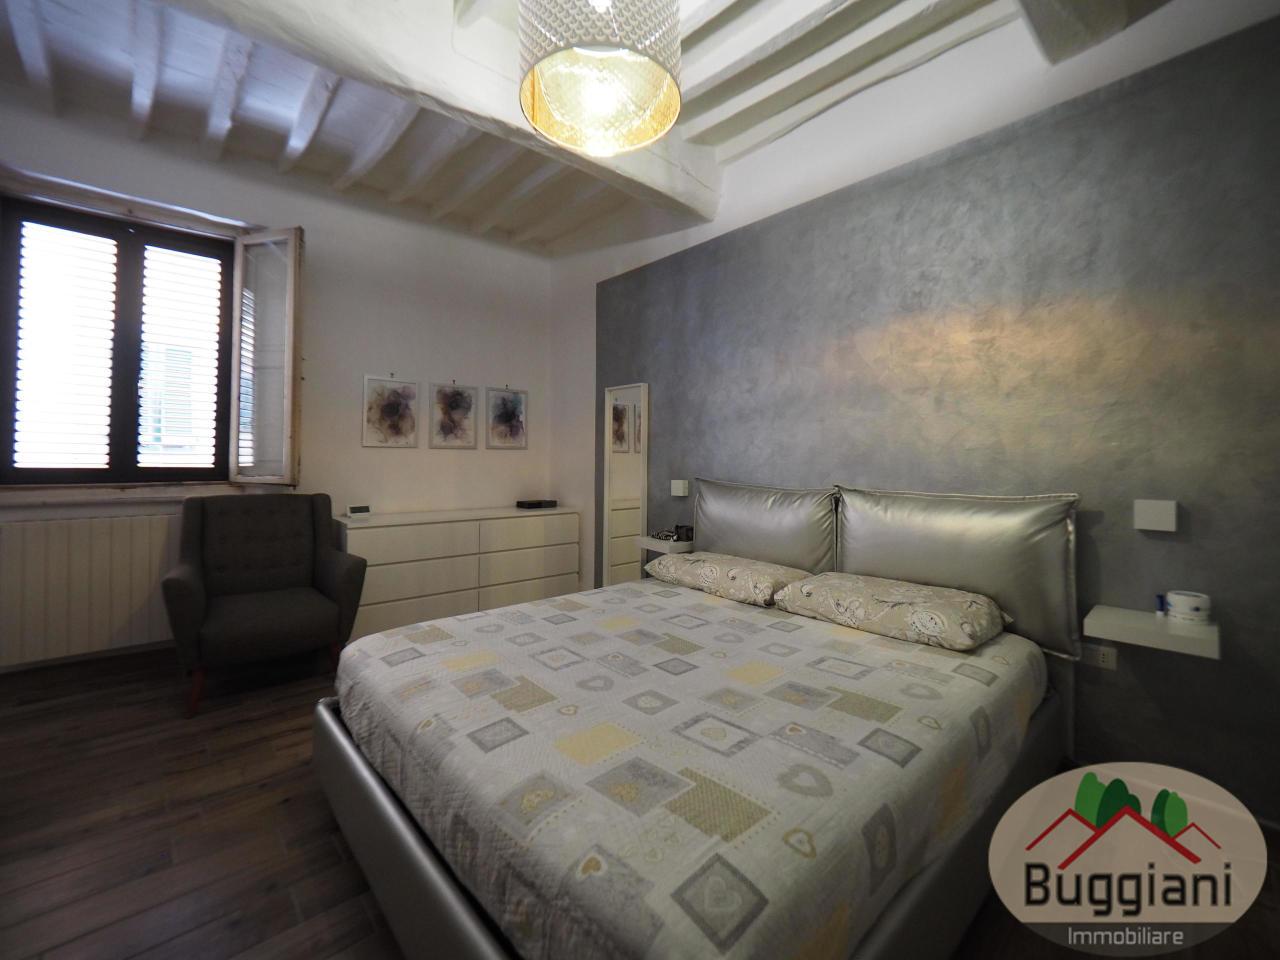 Appartamento in vendita RIF. 2446, Fucecchio (FI)